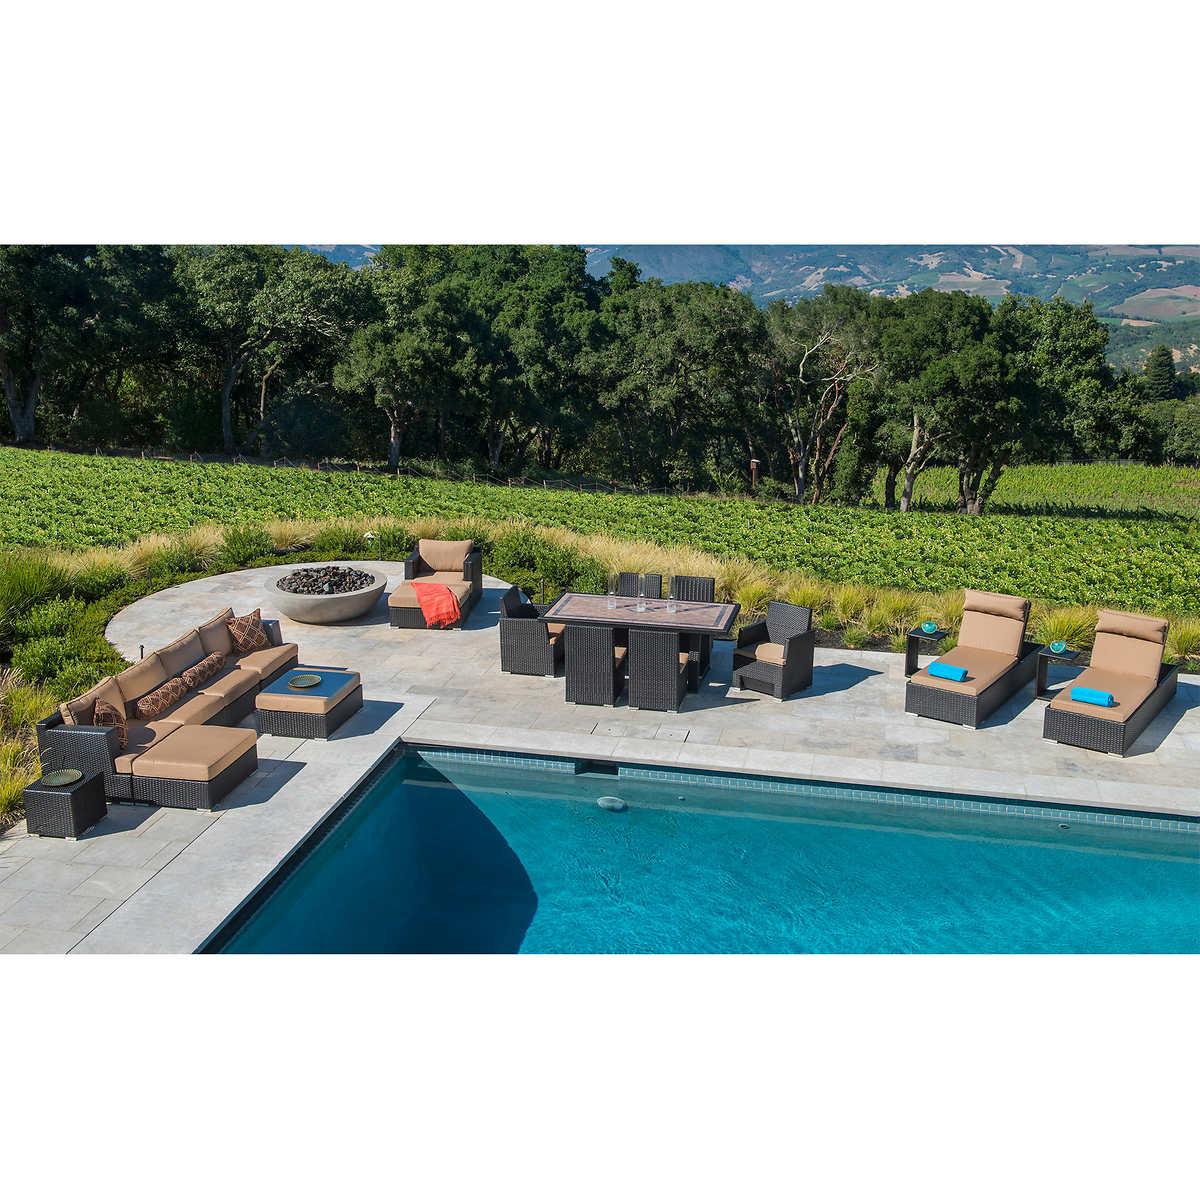 Patio furniture sets costco - Niko 20 Piece Patio Estate Collection By Sirio